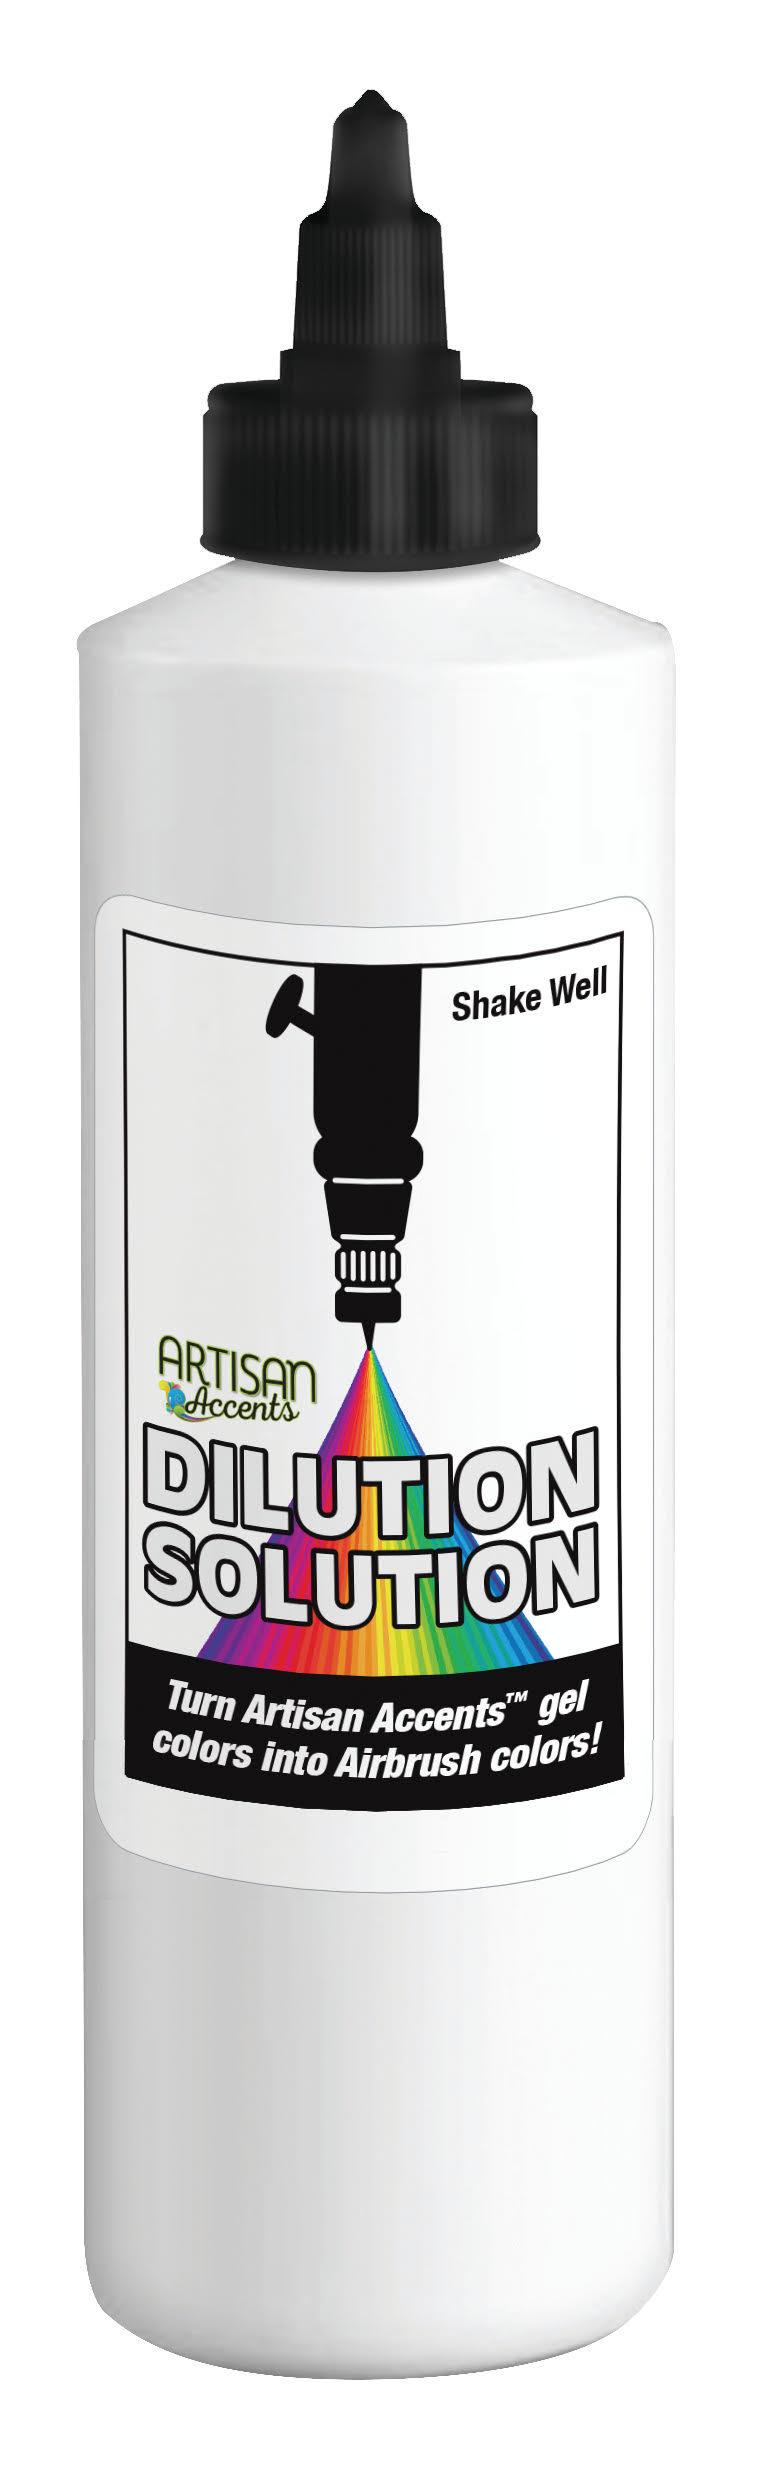 Dilution3D.jpg